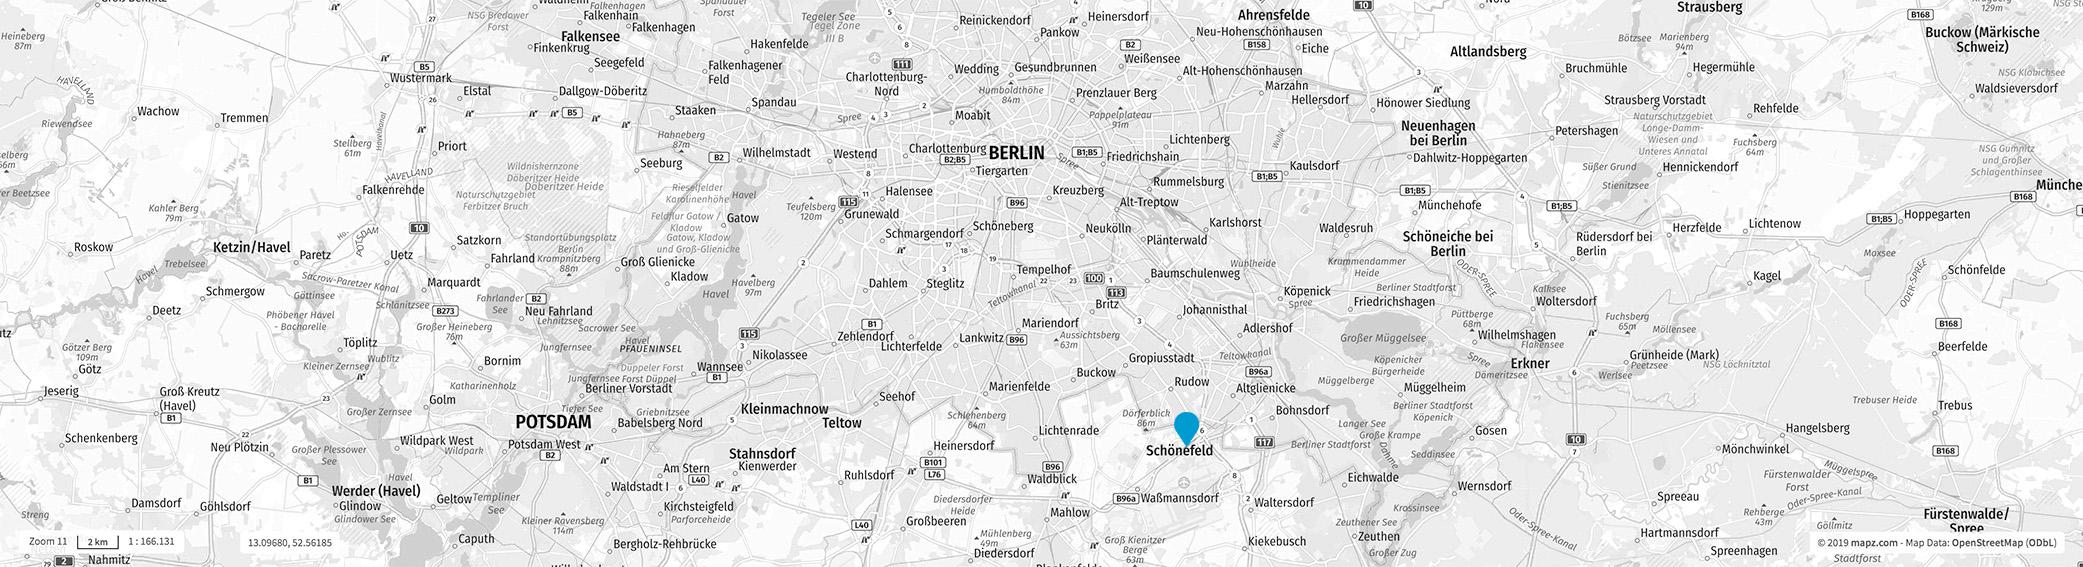 UniCare Standort Karte Map Mittelstraße 7 12529 Schönefeld bei Berlin